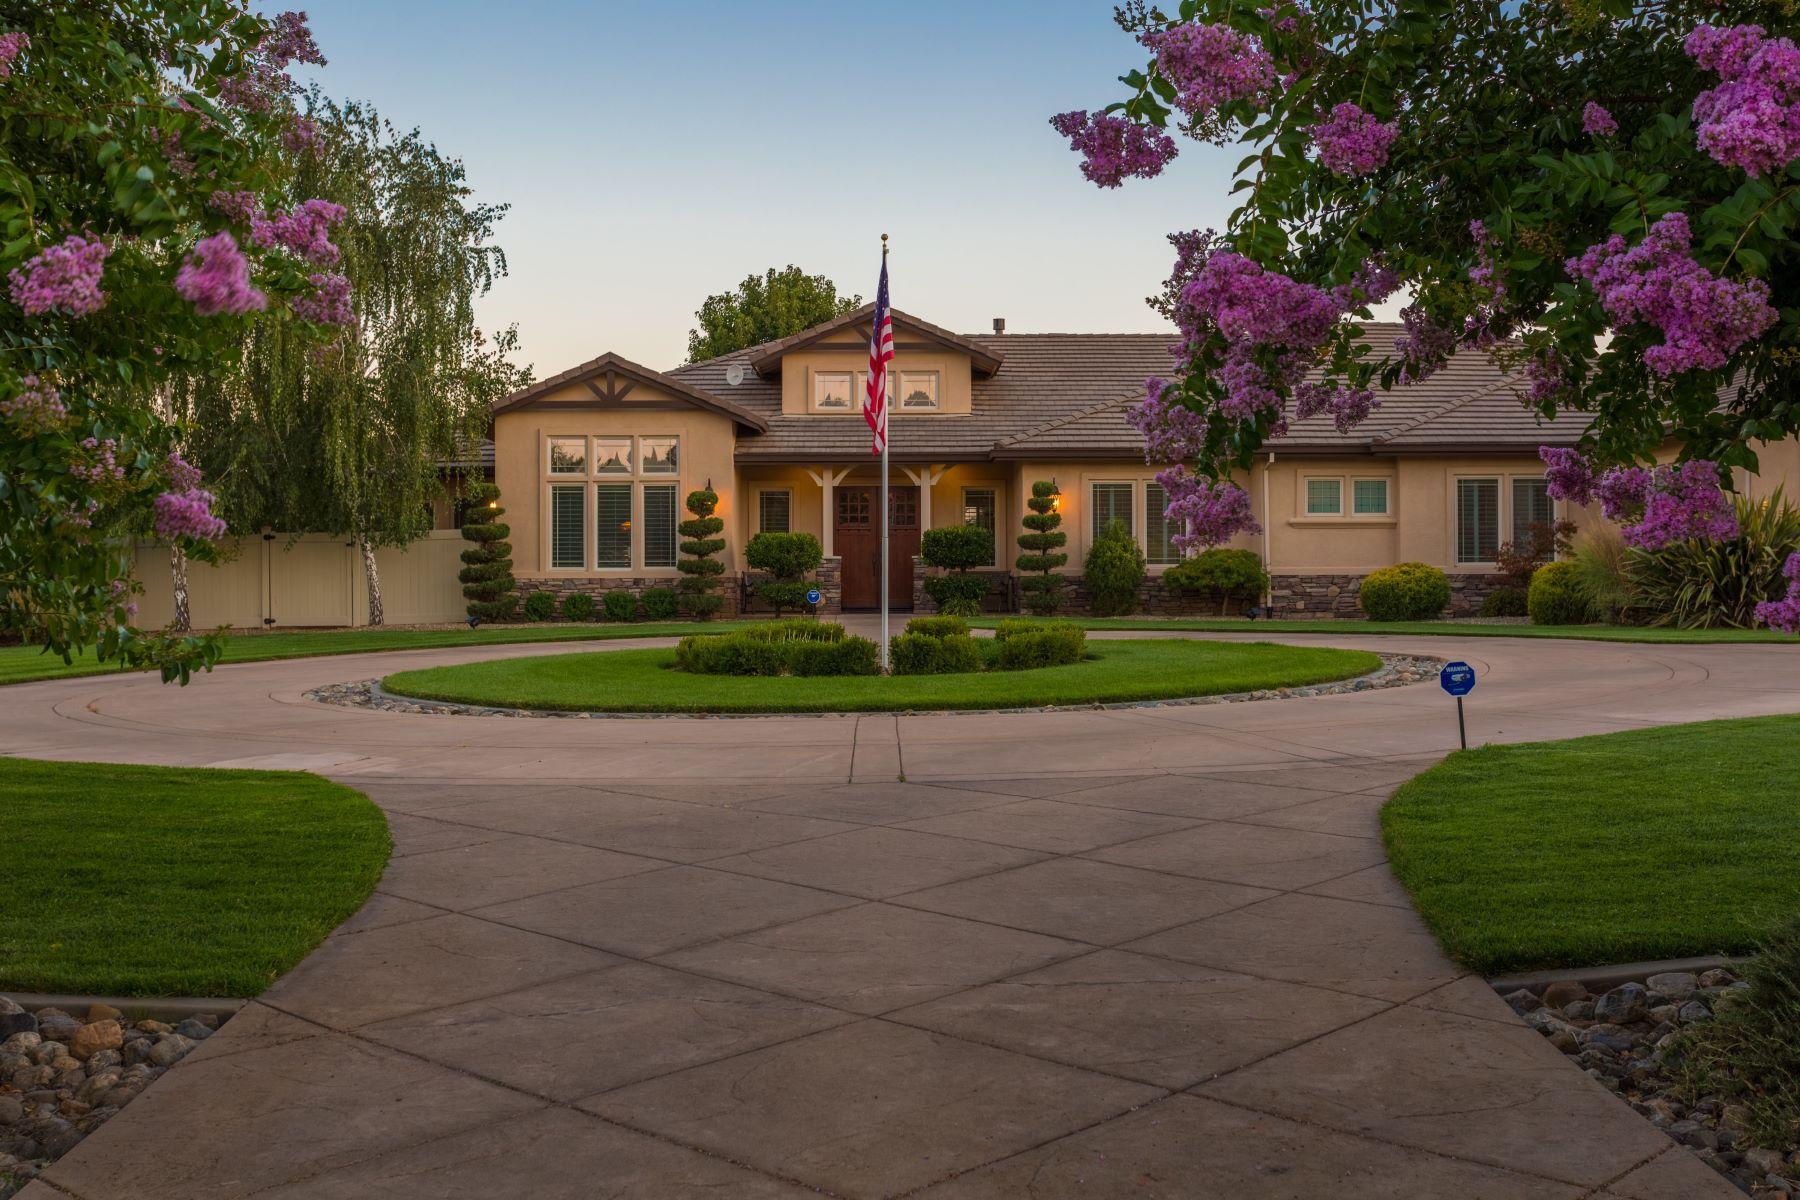 Moradia para Venda às 5650 Pyracantha Dr, Shingle Springs, CA 95682 Shingle Springs, Califórnia, 95682 Estados Unidos